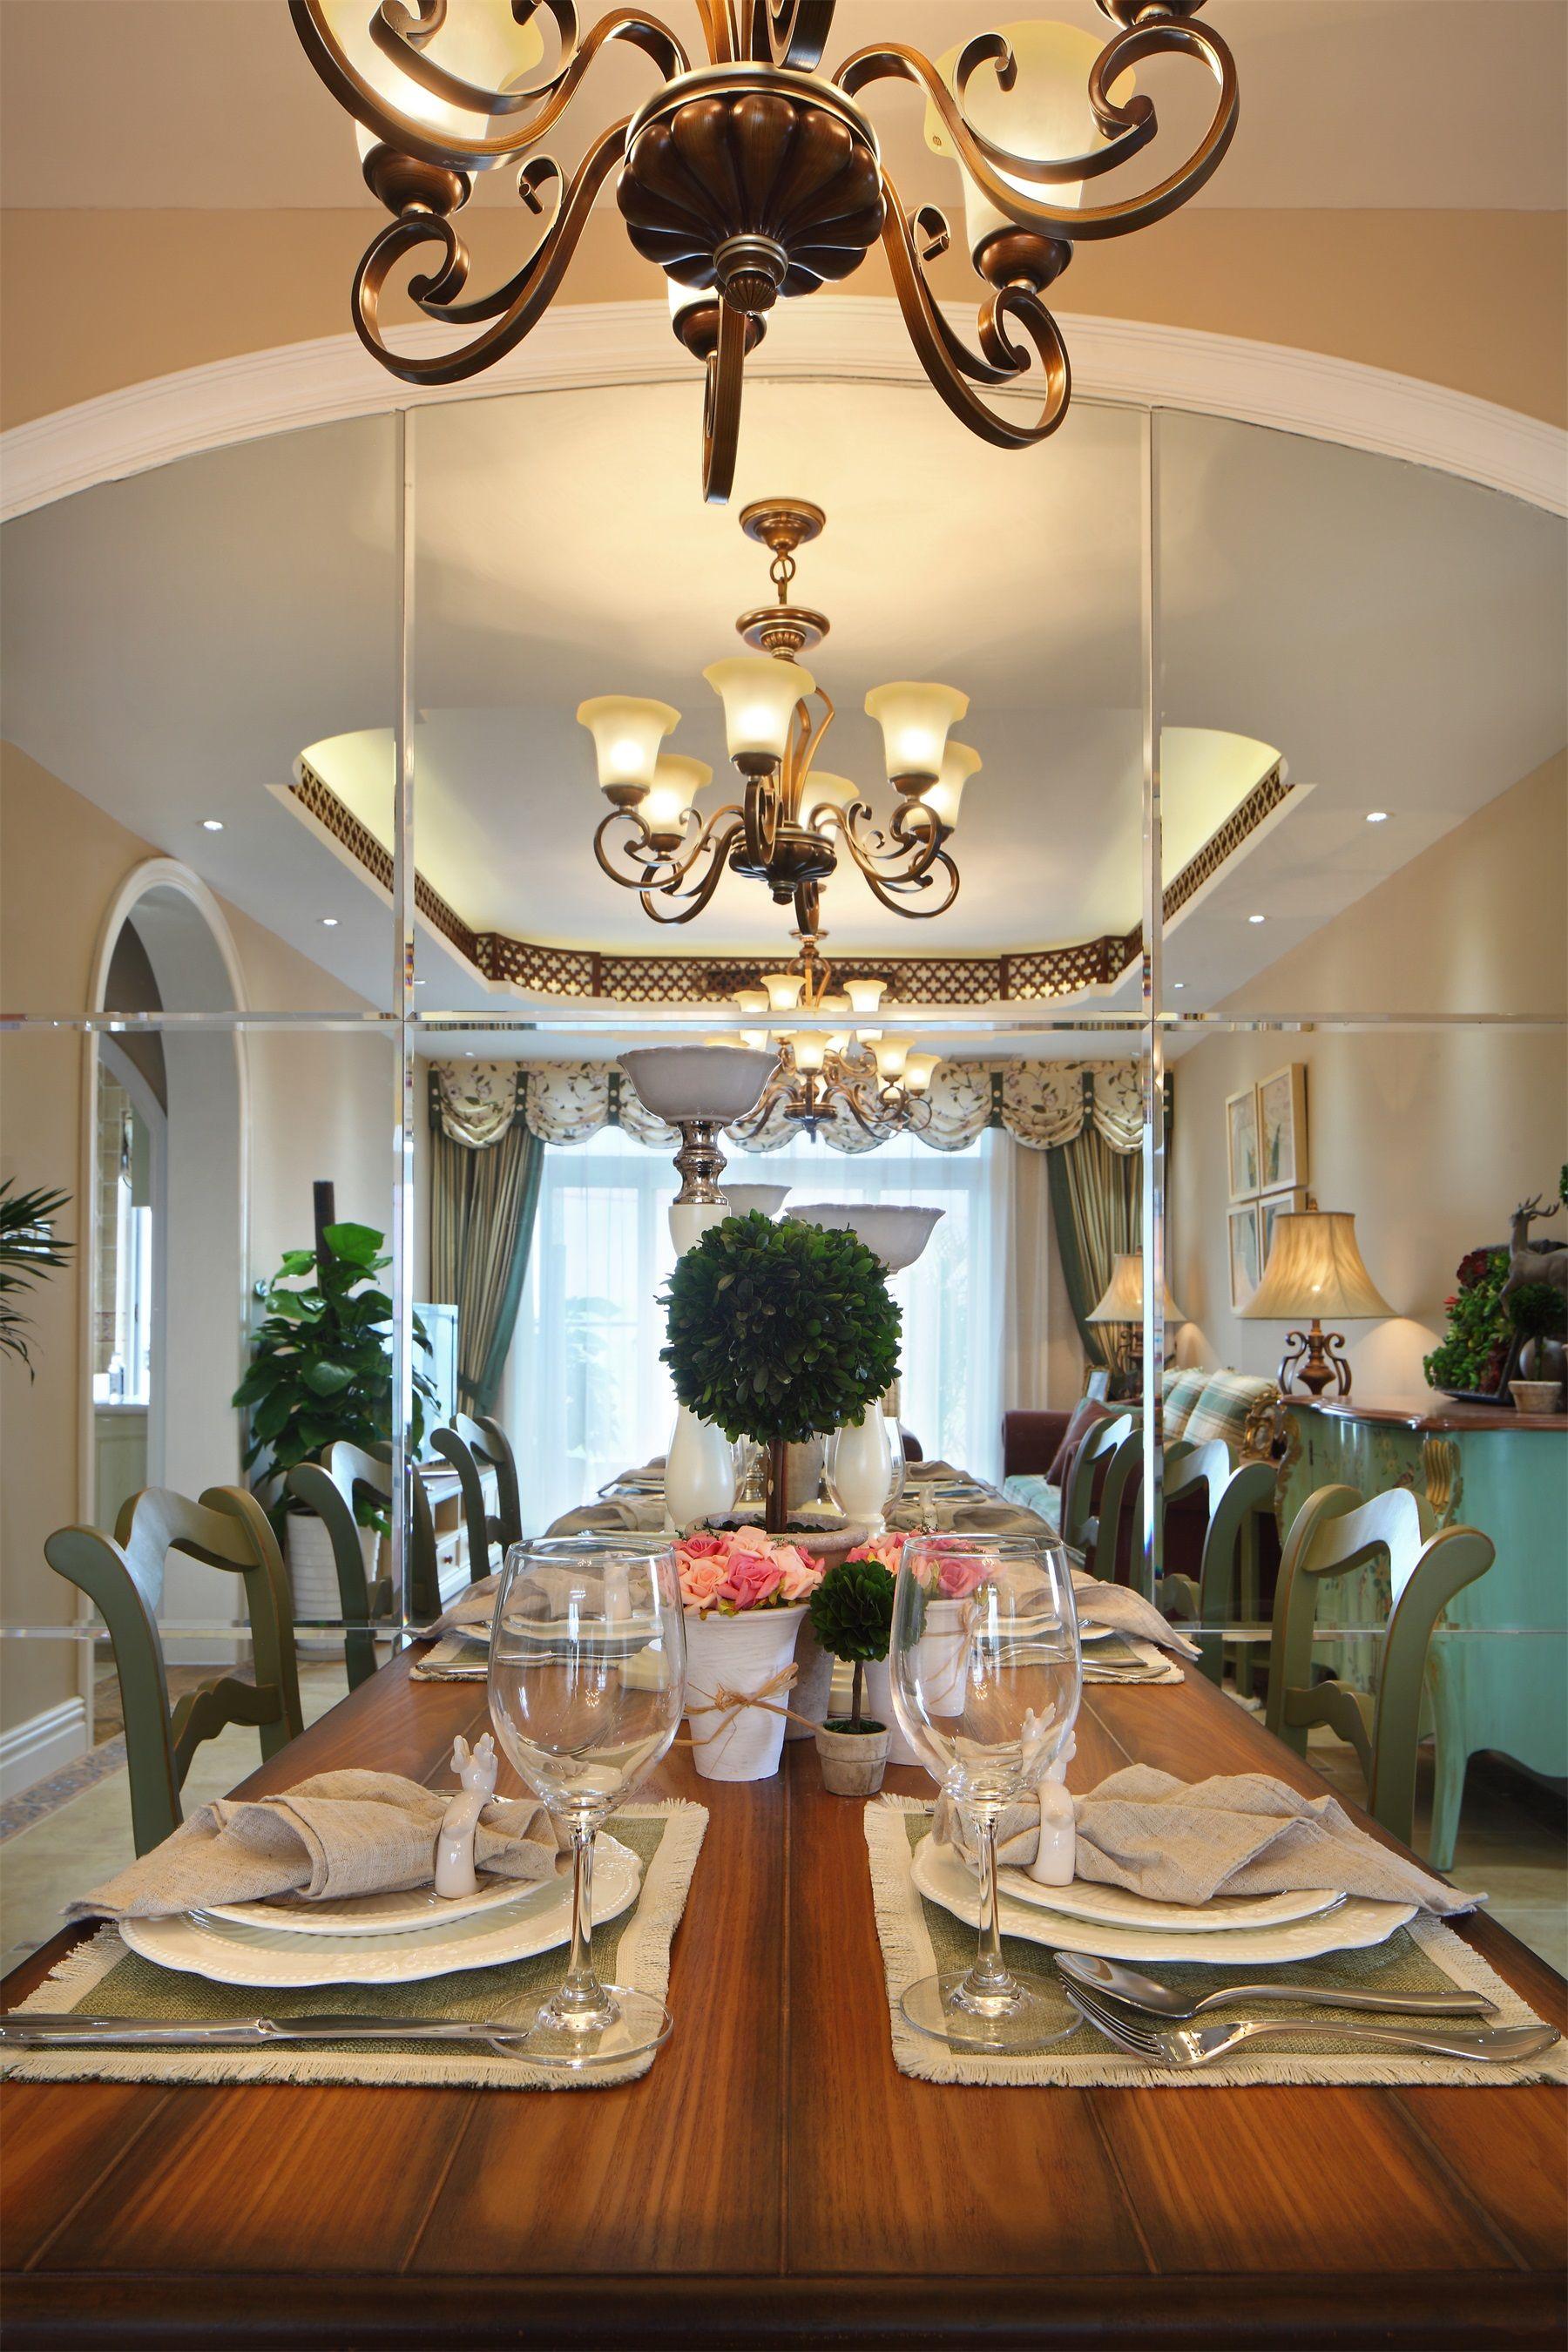 原木餐桌与头顶的金属灯管相互对应,一种金碧辉煌的富贵油然而生。